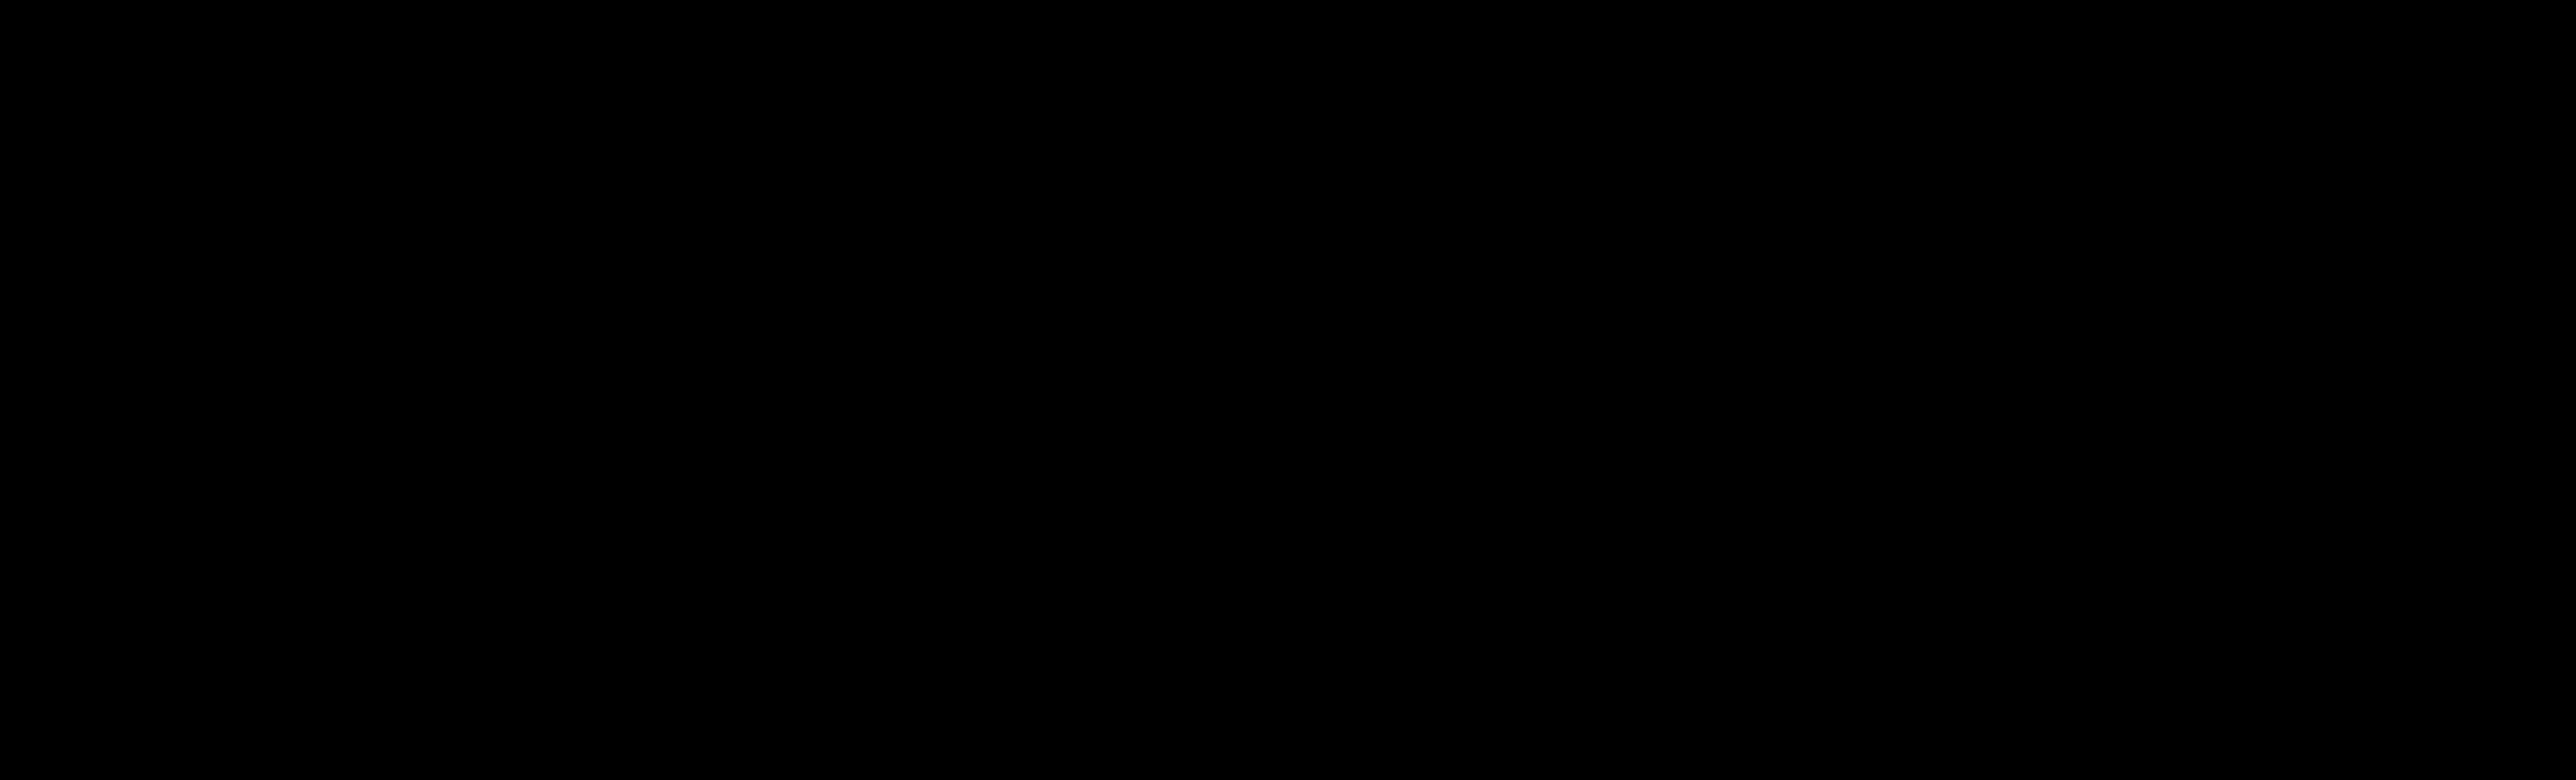 Nuvolo / Deloitte